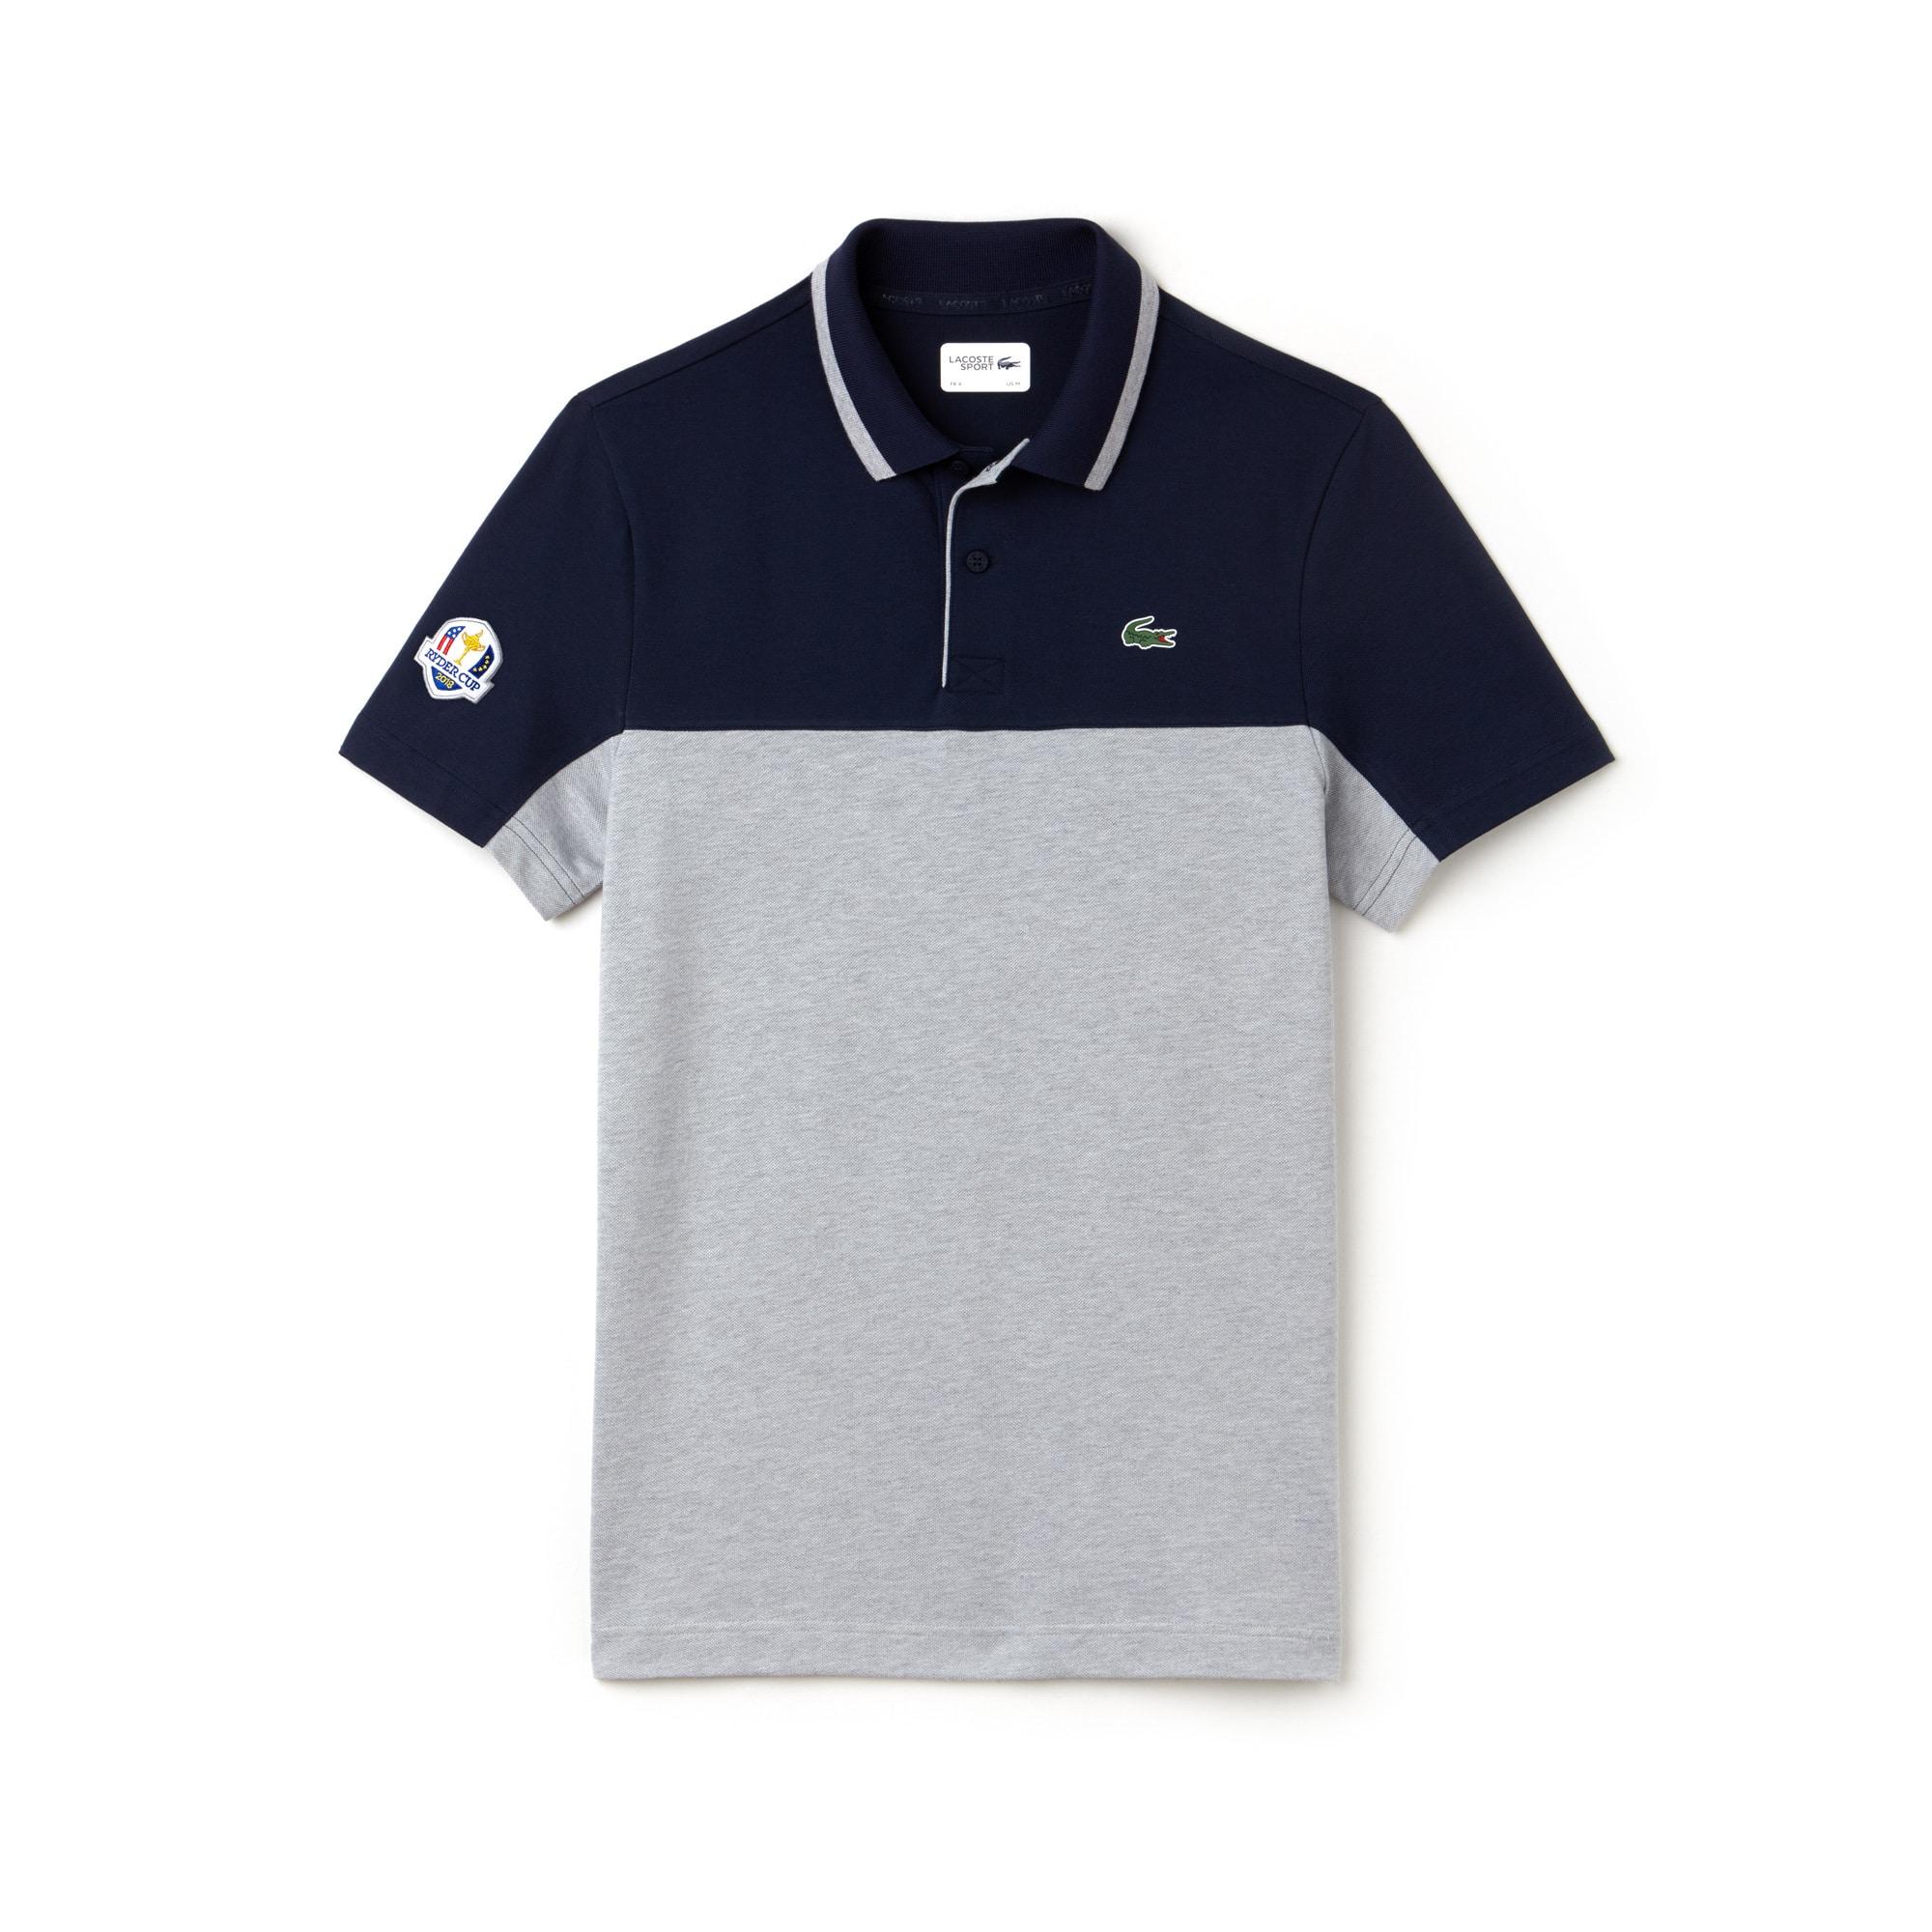 Herren LACOSTE SPORT Ryder Cup Edition Golf Poloshirt